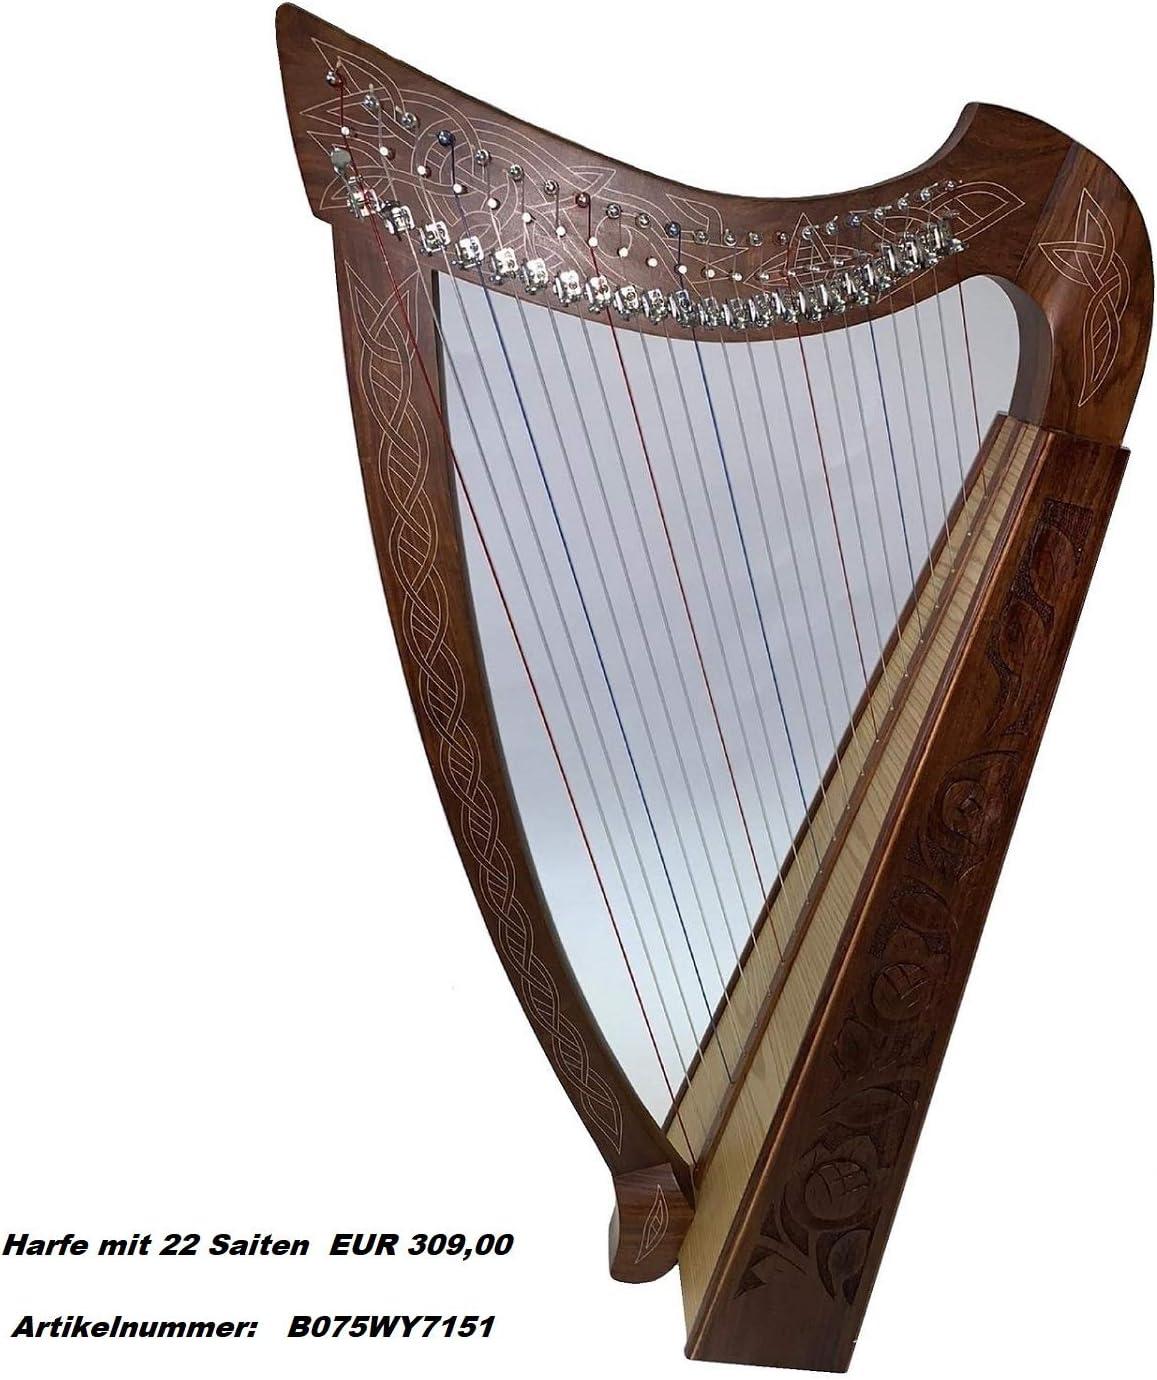 Tragetasche Carry Case für Harfe mit 8 Saiten